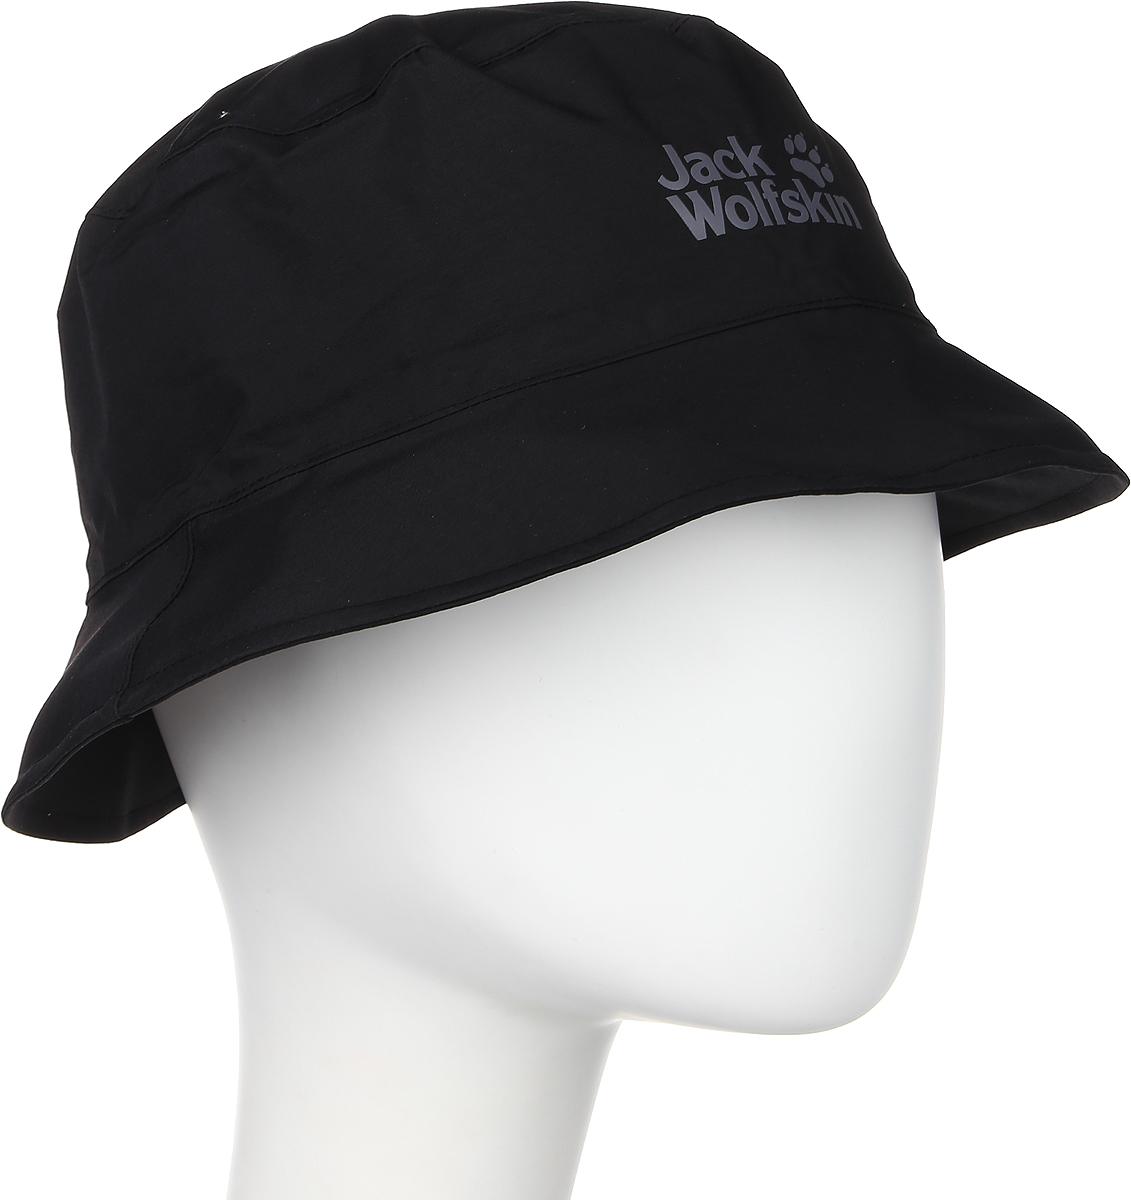 Панама Jack Wolfskin Texapore Rain Hat, цвет: черный. 1902771-6000. Размер M (54/57)1902771-6000Панама Texapore Rain Hat идеально подходит для путешествий. Верх изделия выполнен из материала TEXAPORE 2L (100% полиамид). Это водонепроницаемый, не продуваемый и дышащий материал, который позволит защитить вашу головку от дождя и сильного ветра. Подкладка изготовлена из легкого материала COOLMAX MESH (100% полиэстер), который создает прохладу и обеспечивает комфорт при носке. Модель выполнена в однотонном дизайне и дополнена логотипом бренда.